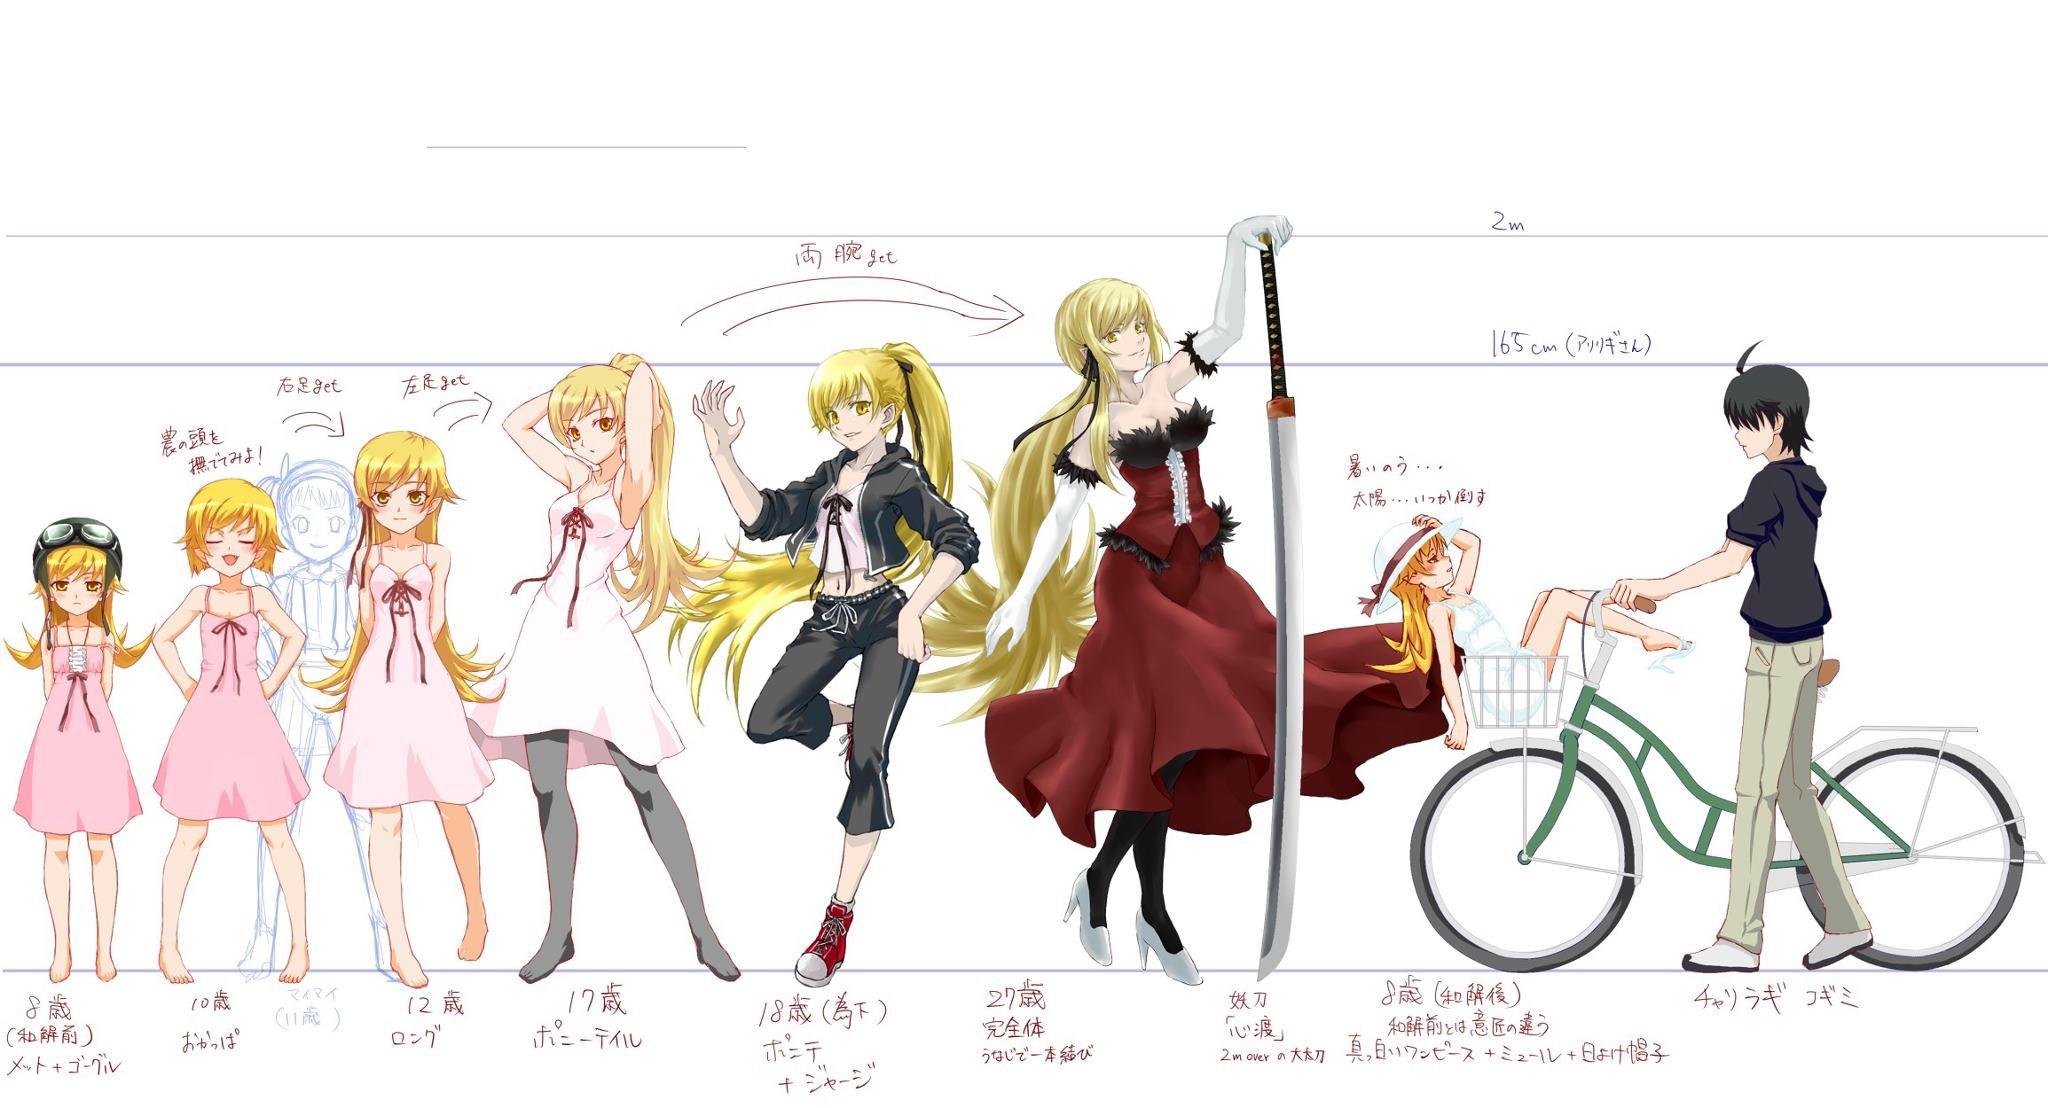 Shinobu Timeline